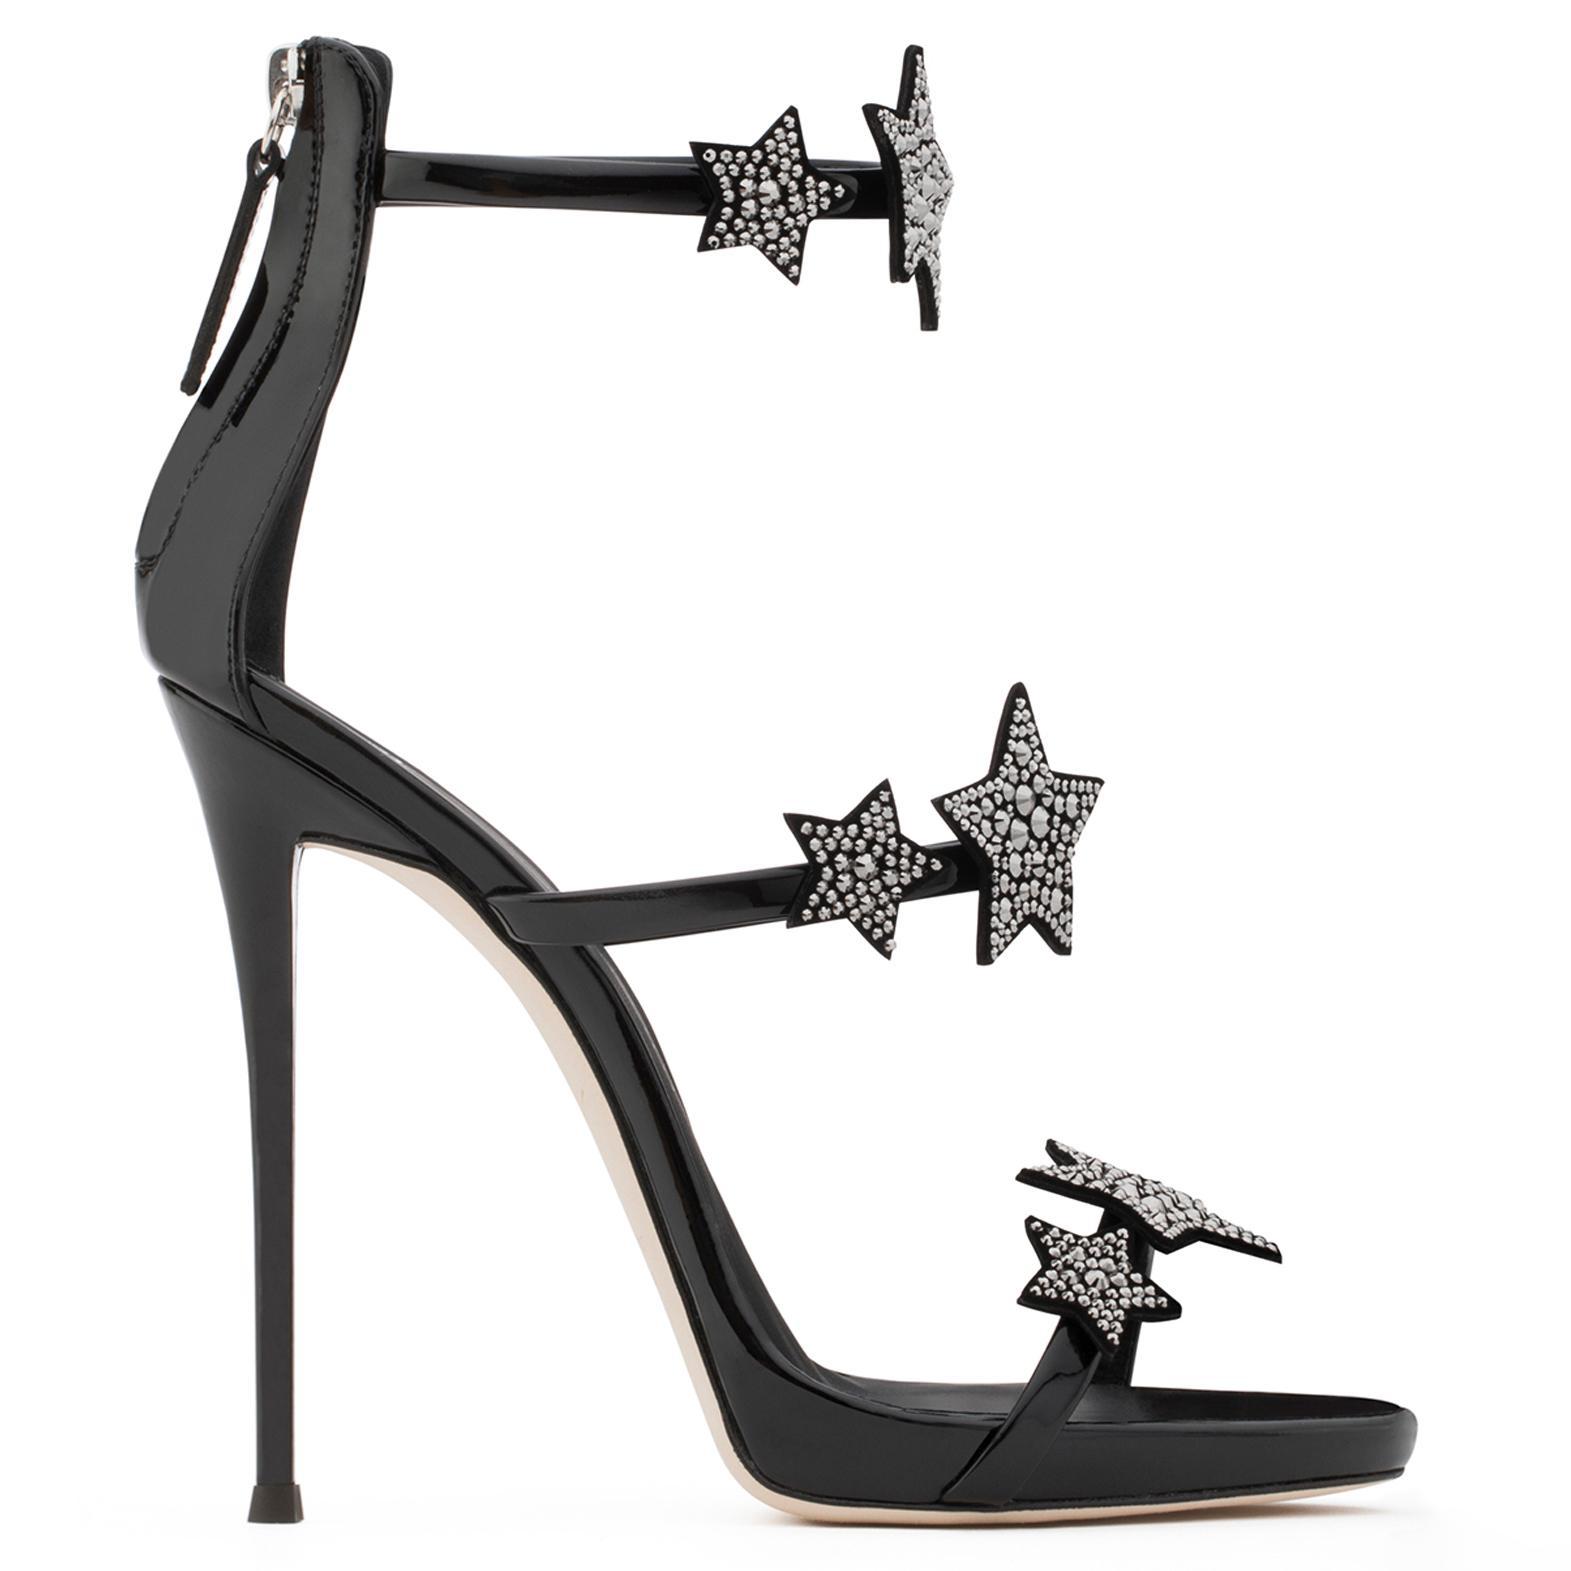 For Cheap Discount Harmony 110 Silver Glitter Sandals Giuseppe Zanotti Sale 100% Authentic Pgb8eWIJj